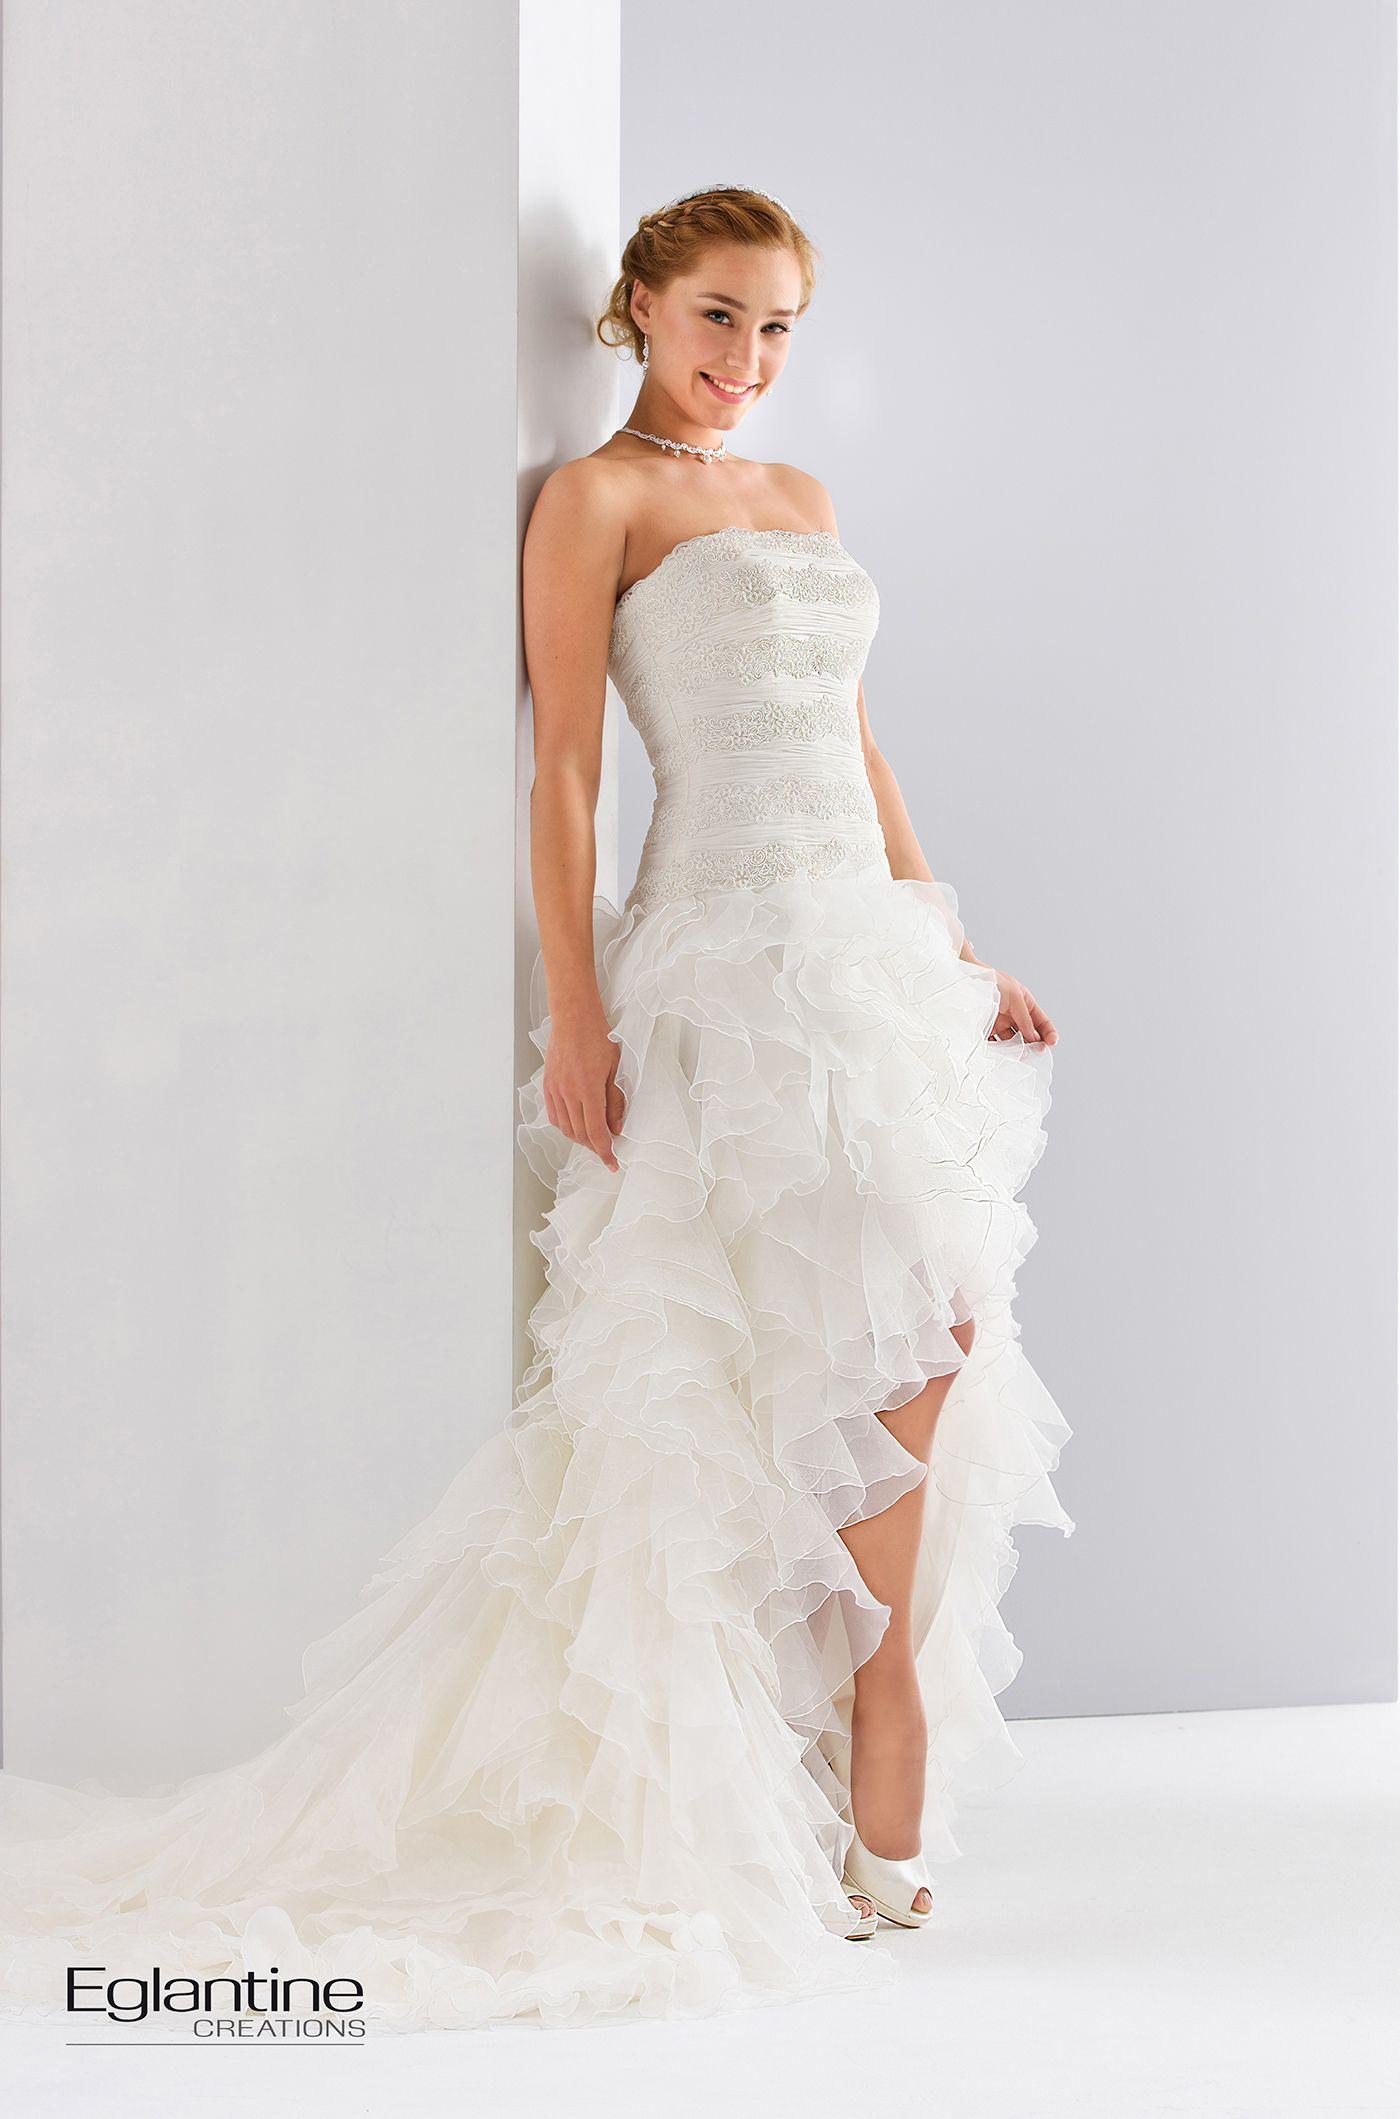 robe de mari e en organza et dentelle avec une jupe. Black Bedroom Furniture Sets. Home Design Ideas